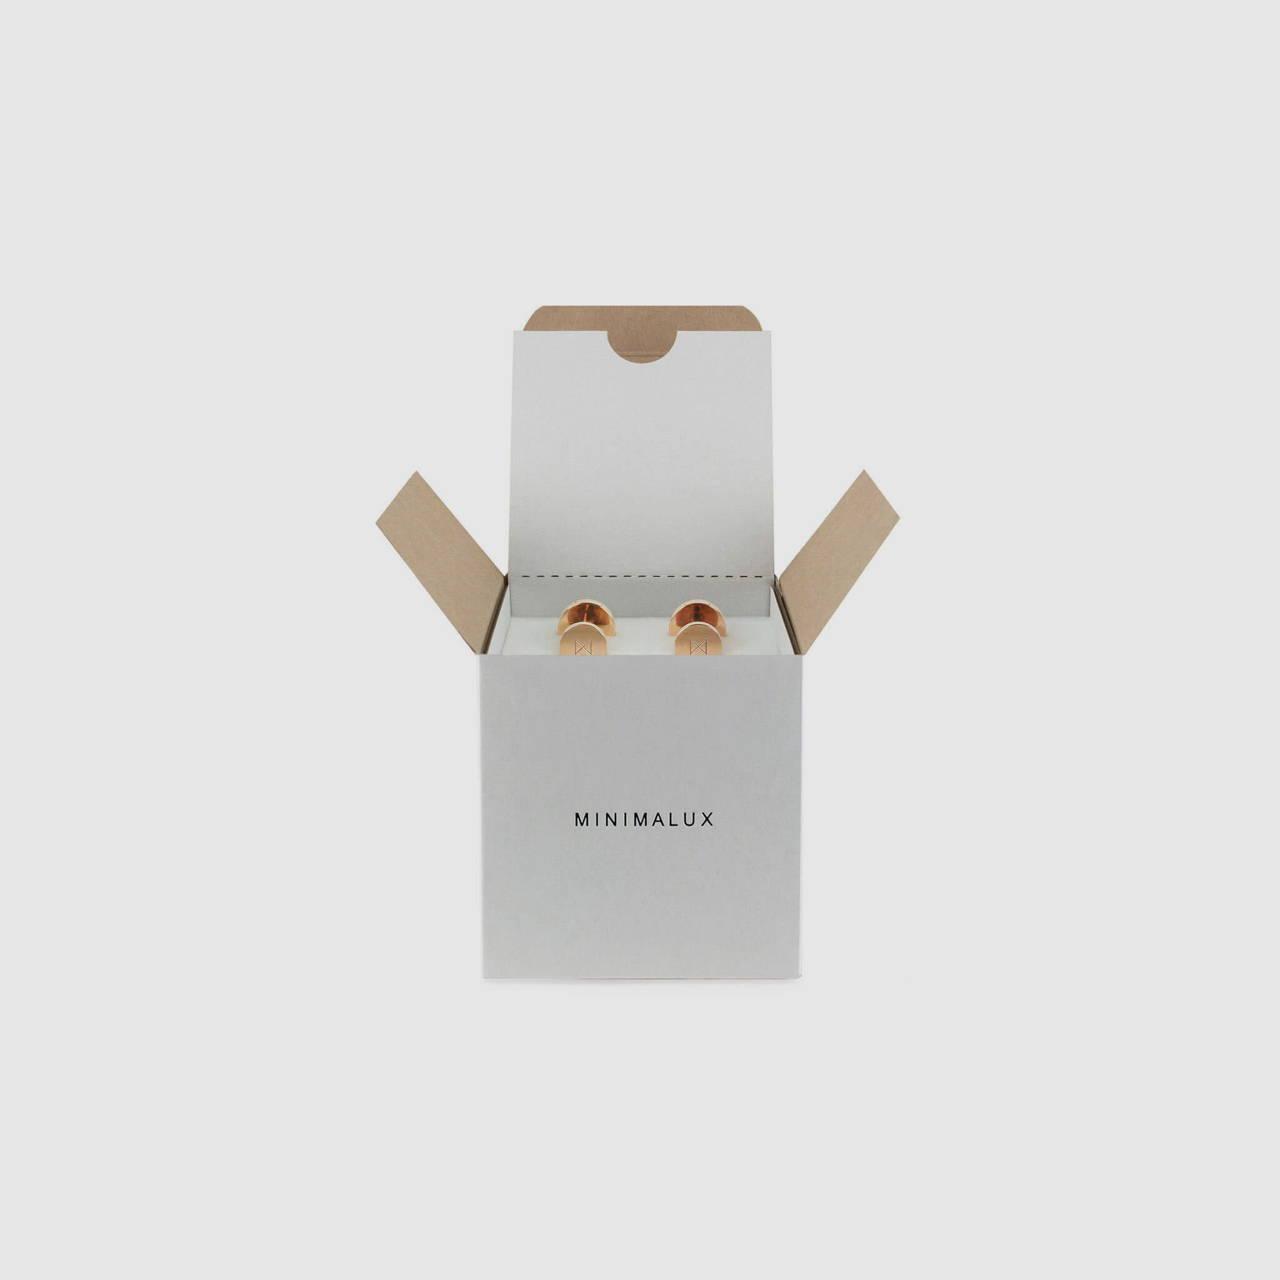 Rose Gold Cufflink packaging